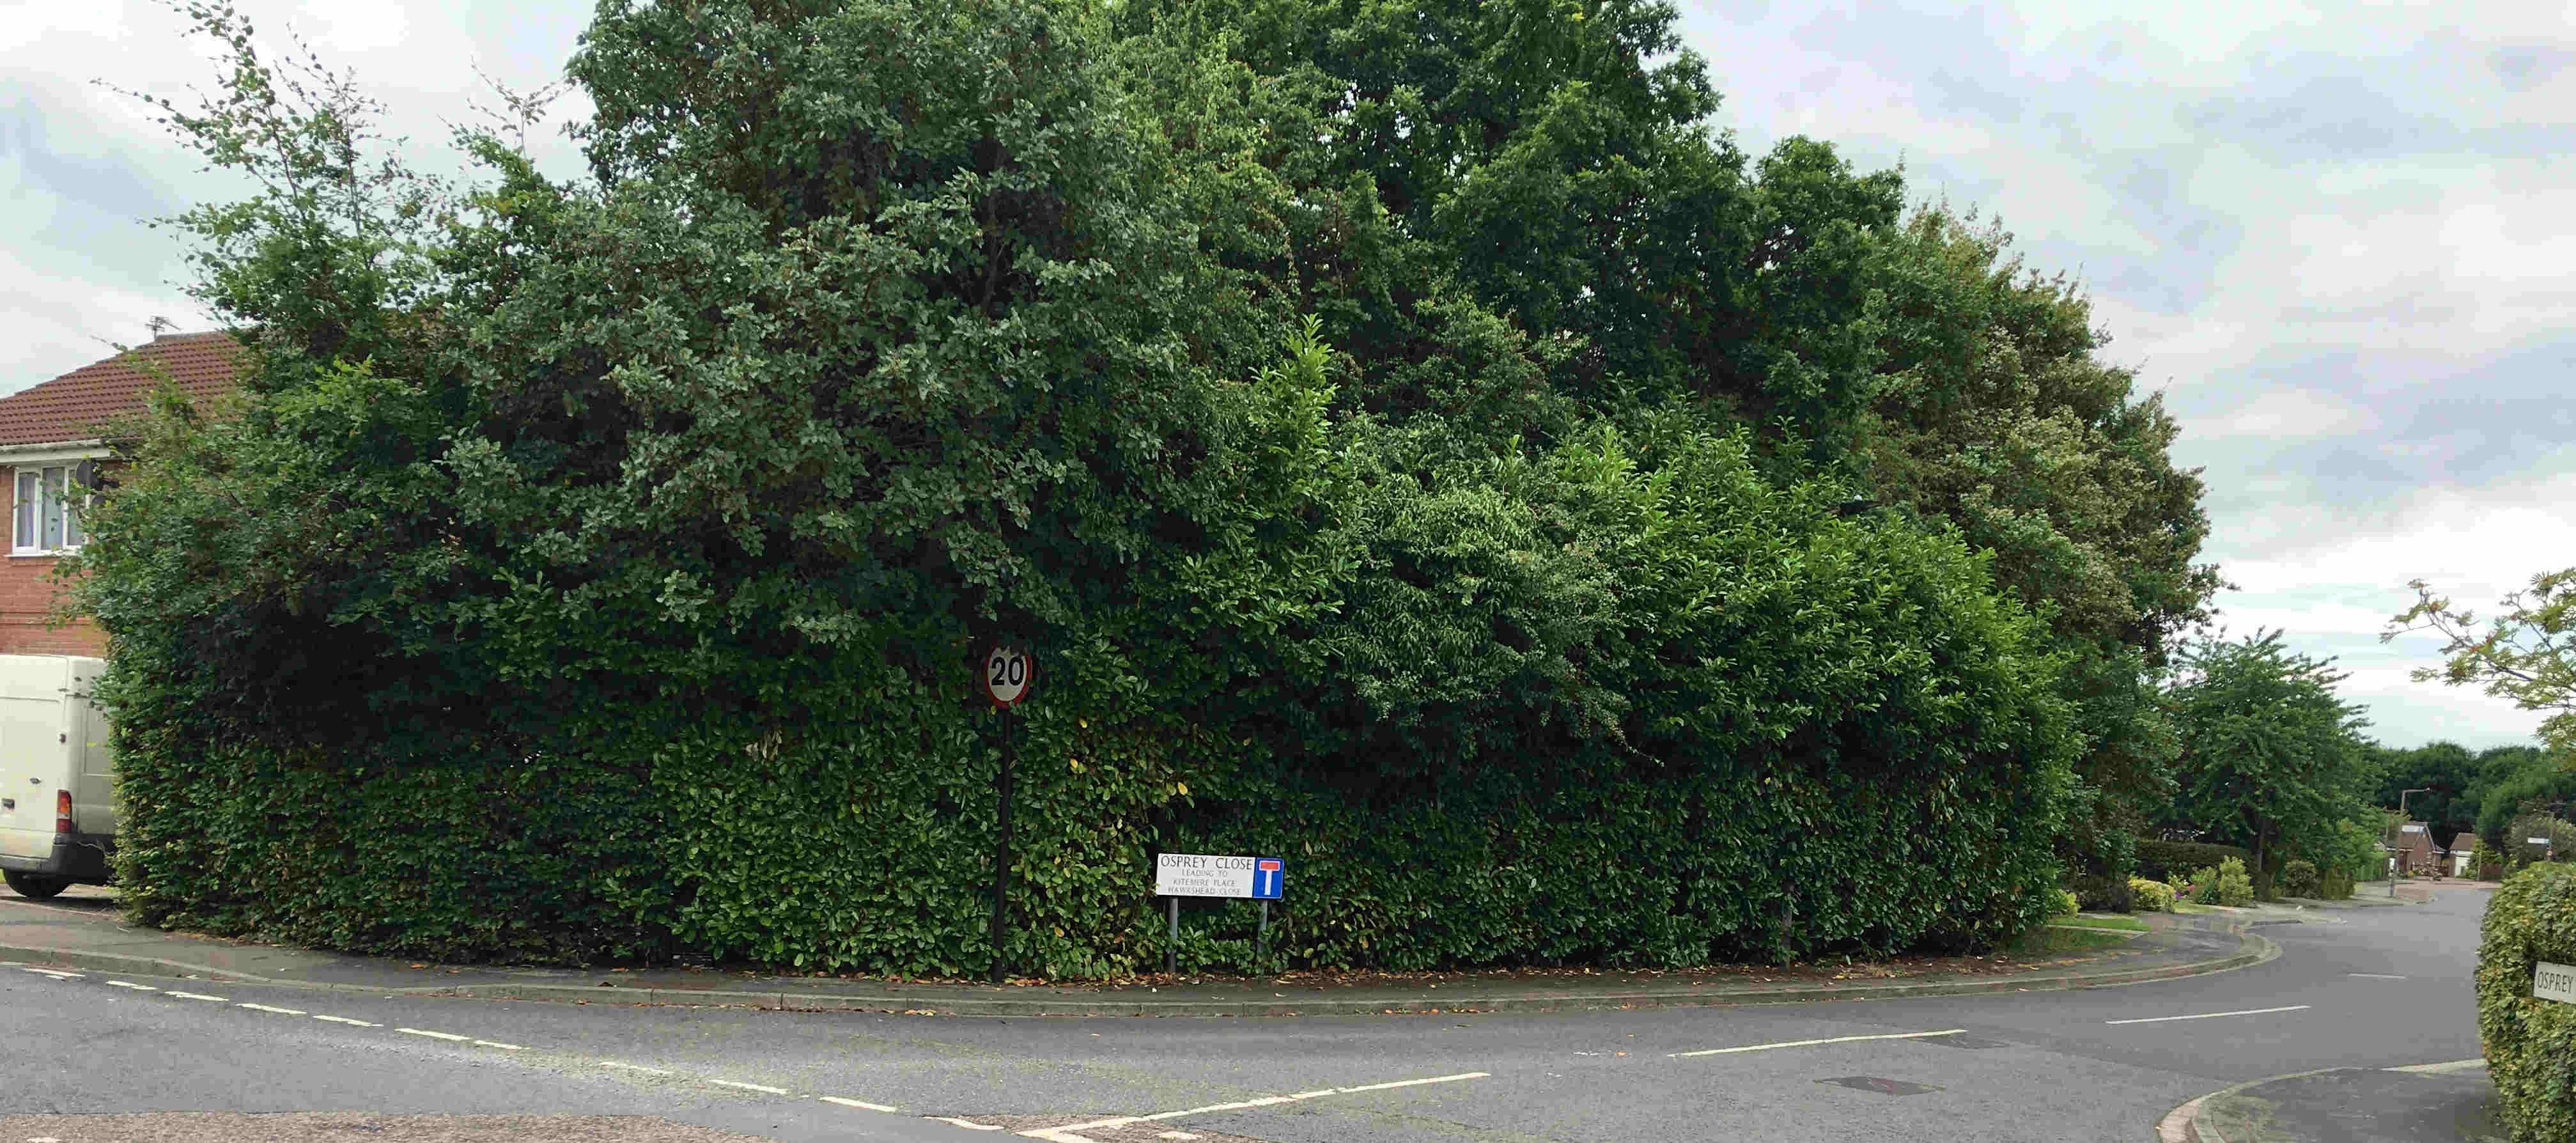 Acomb Wood Drive/Osprey Close hedge cut